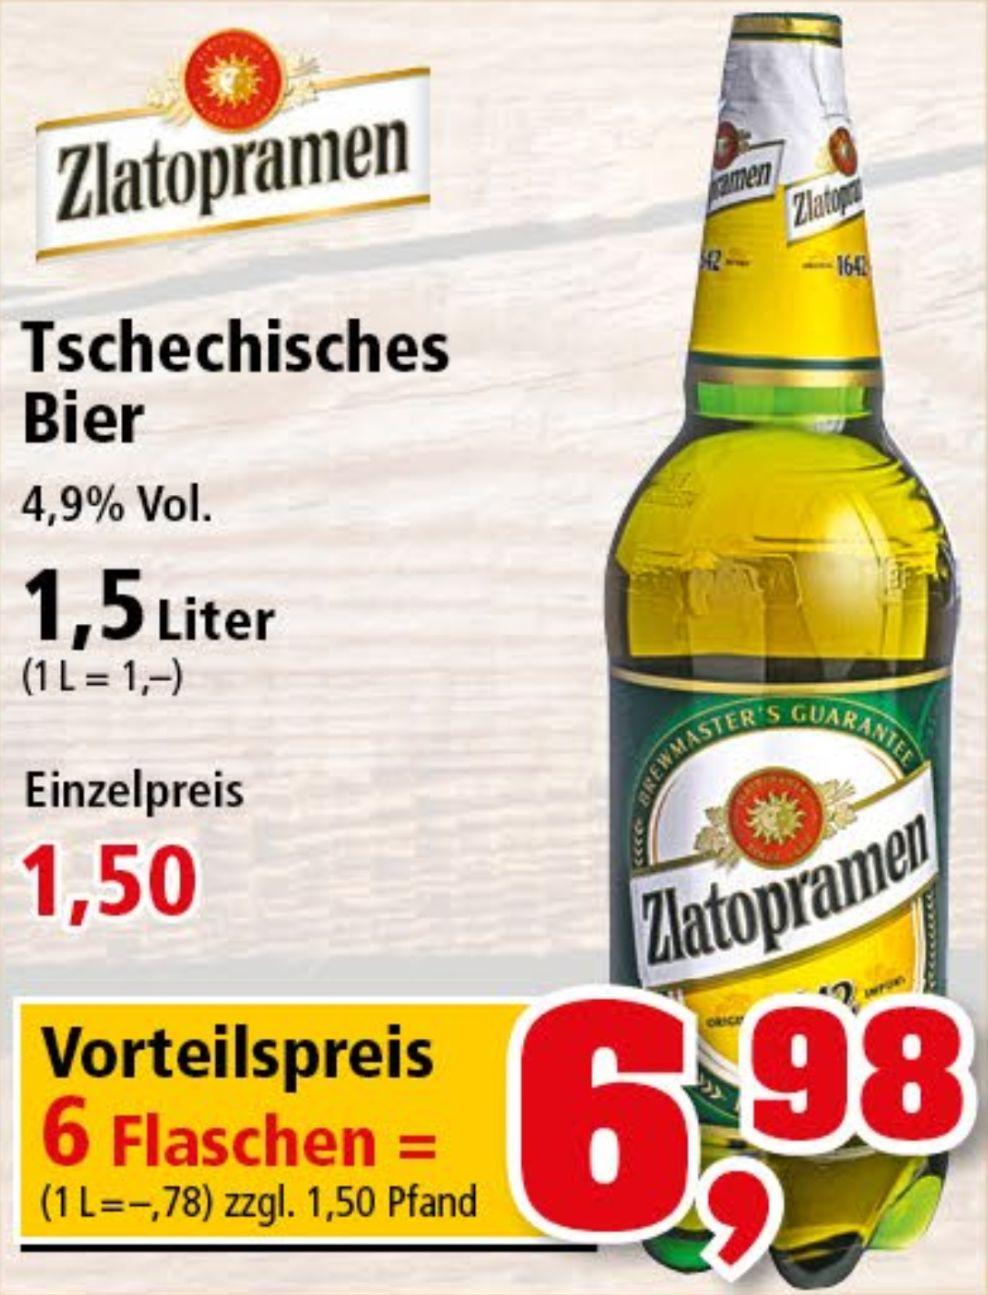 6 Flaschen à 1,5 Liter Zlatopramen Tschechisches Bier für 6,98€ (0,78€/L) ab 11.06. bei Thomas Philipps